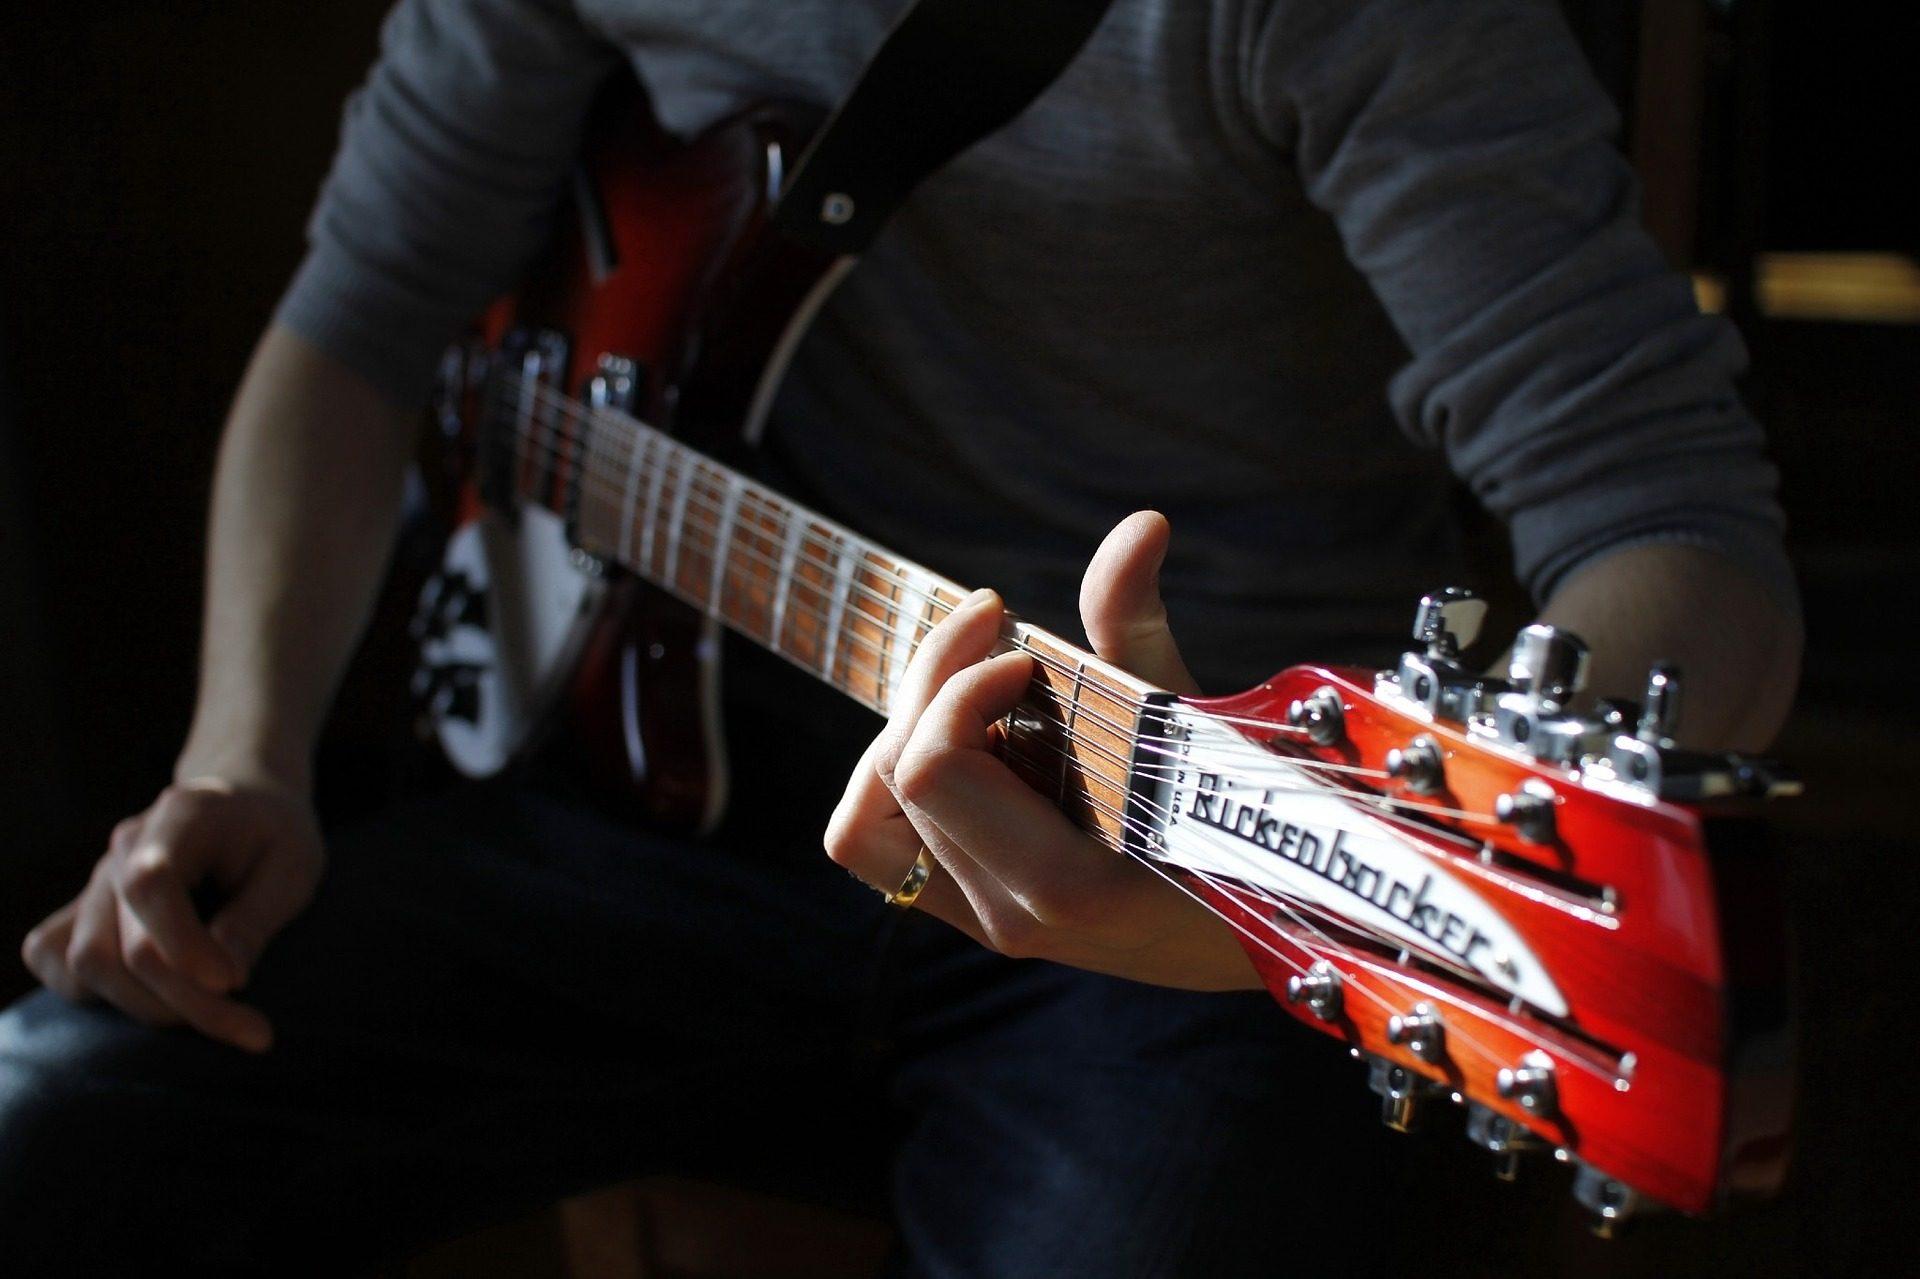 Chitarra, elettrico, albero, stringhe, Rickenbacker - Sfondi HD - Professor-falken.com